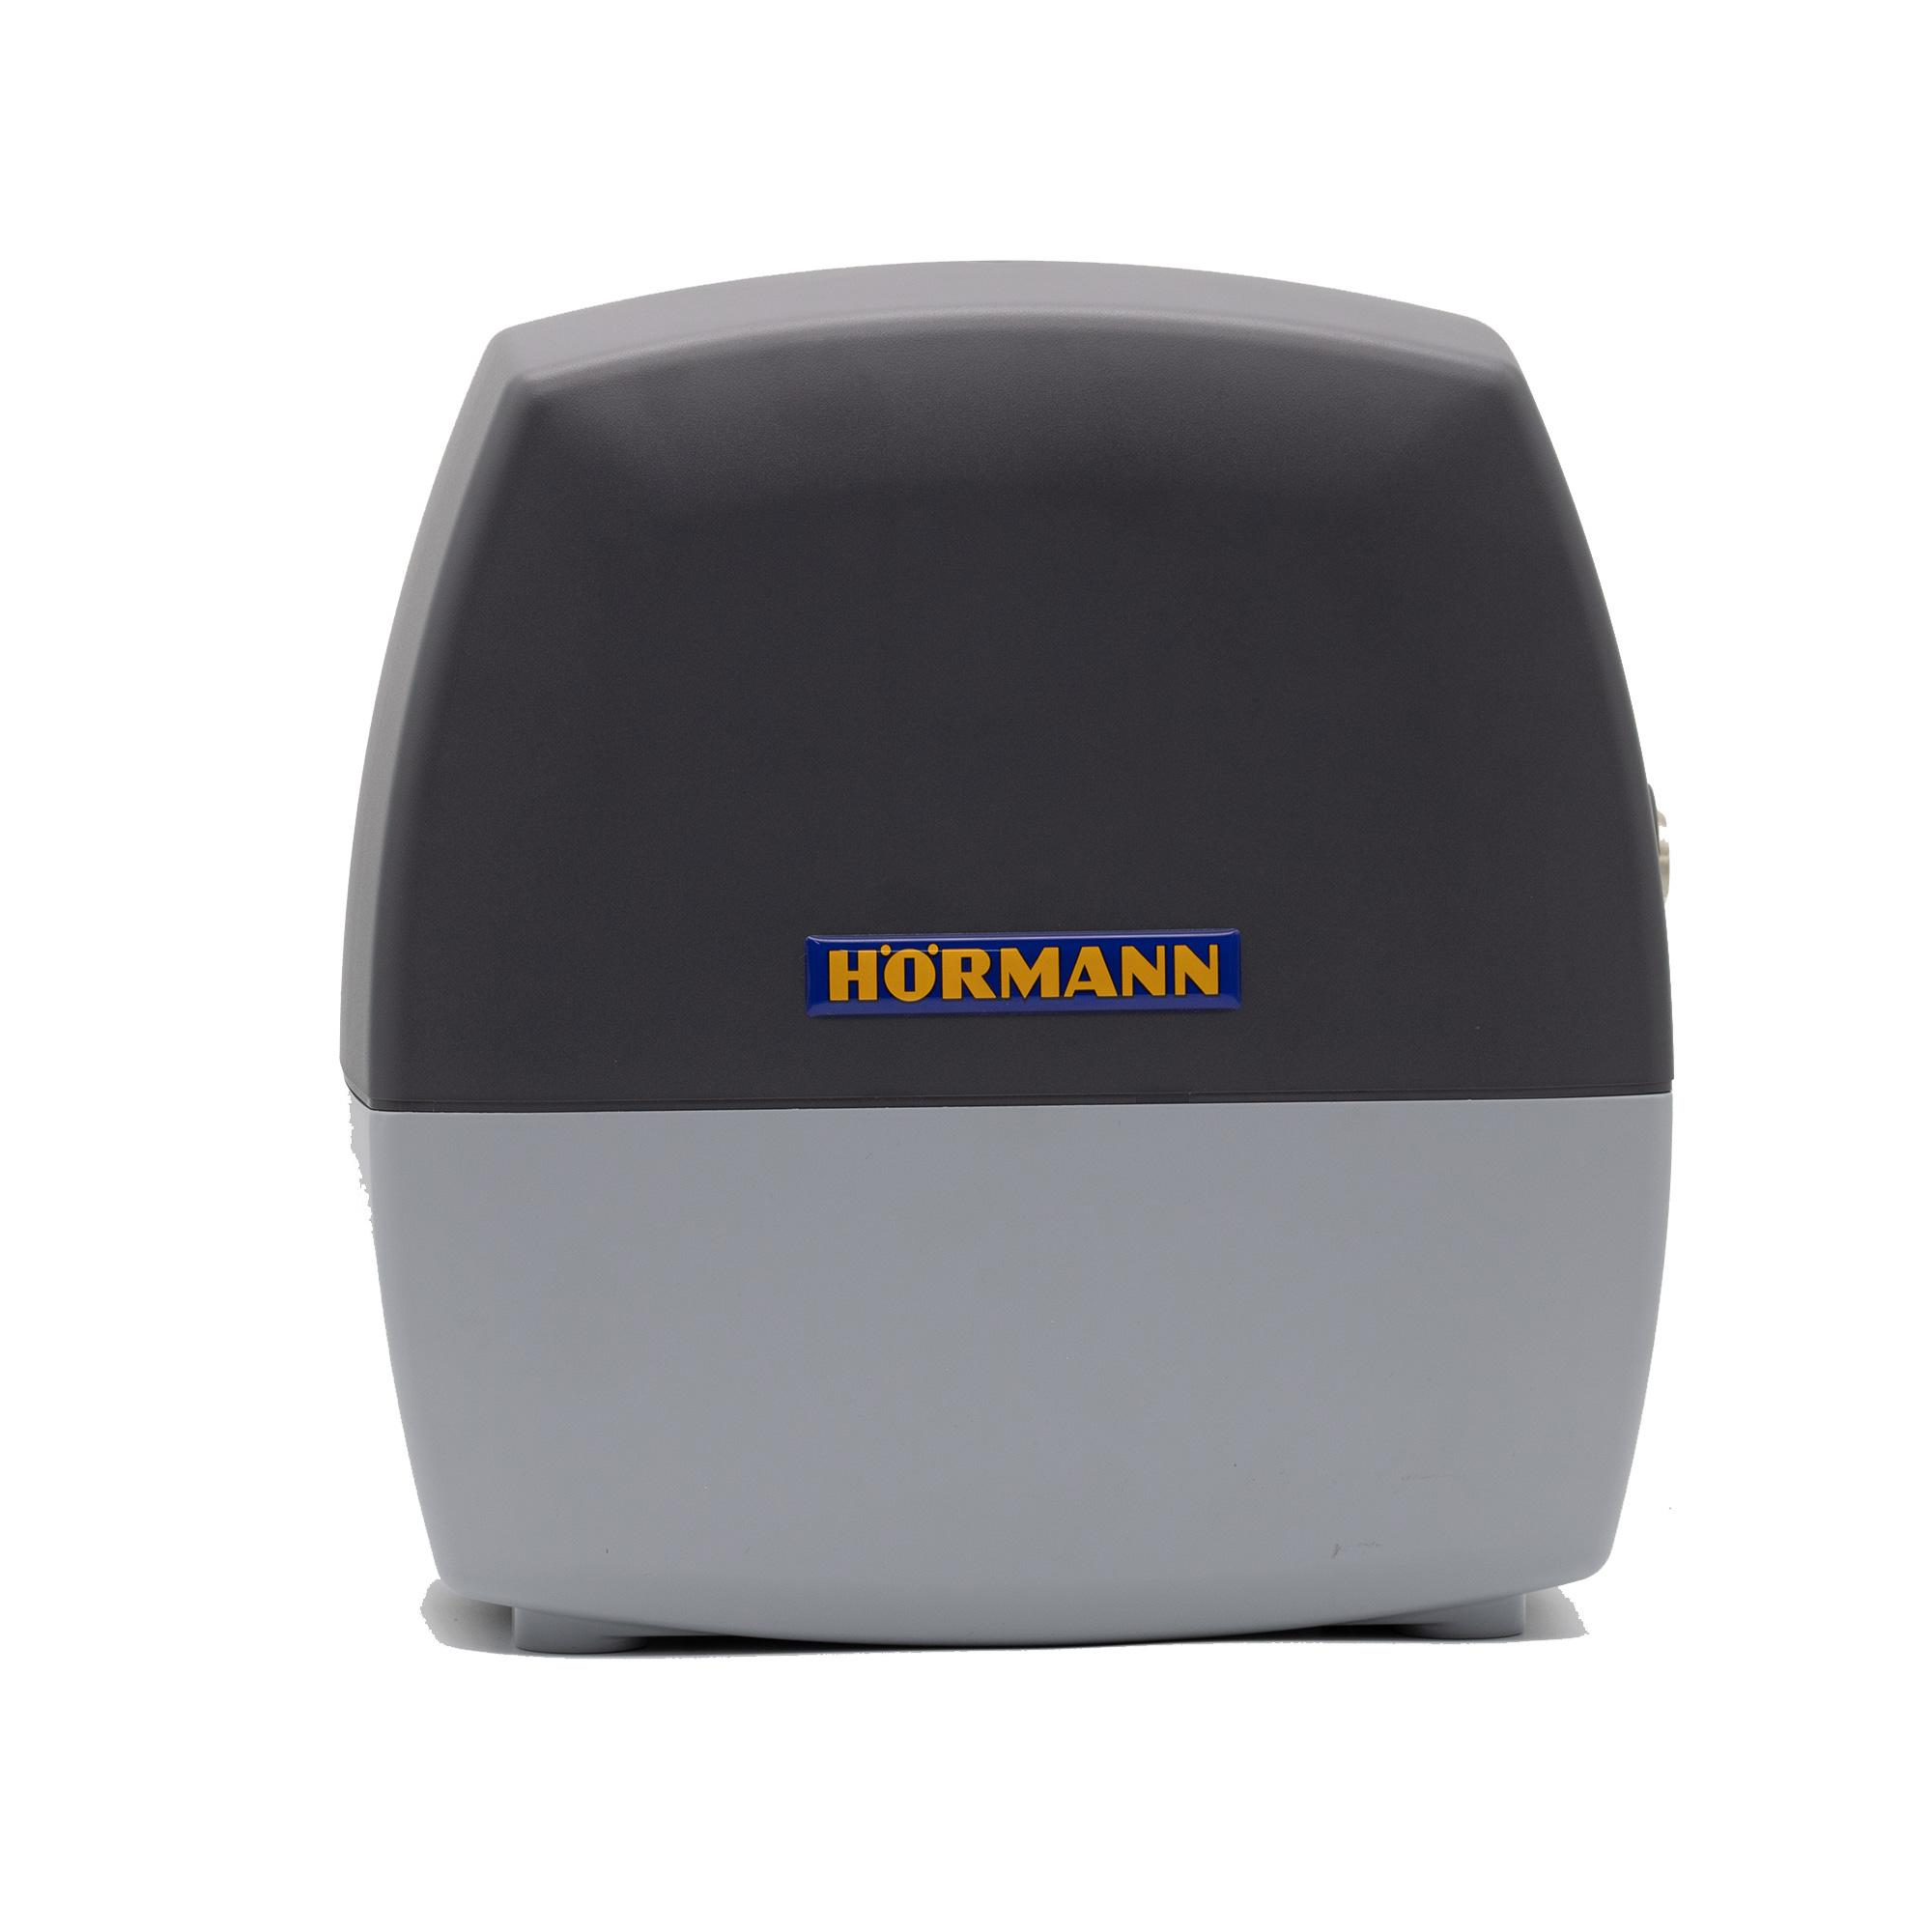 Hörmann Austauschantrieb mit Funkempfänger 868 MHz LineaMatic H